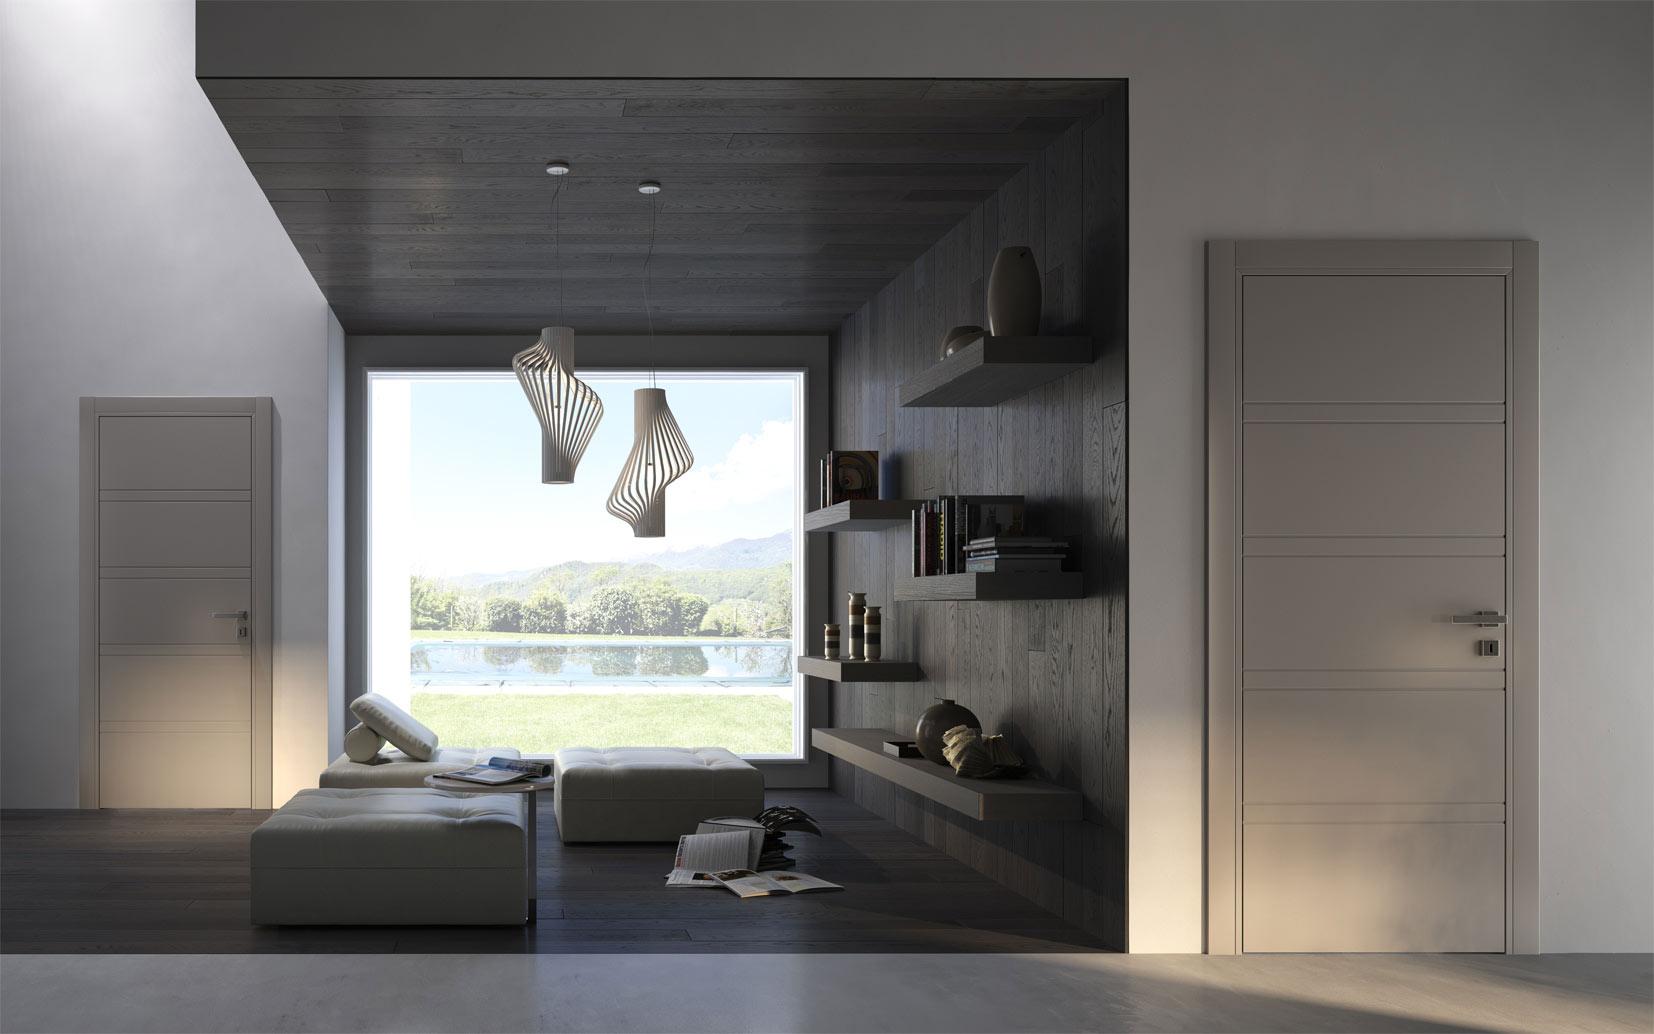 Porte interne e vetrate appia infissi srl - Porte d interni design ...